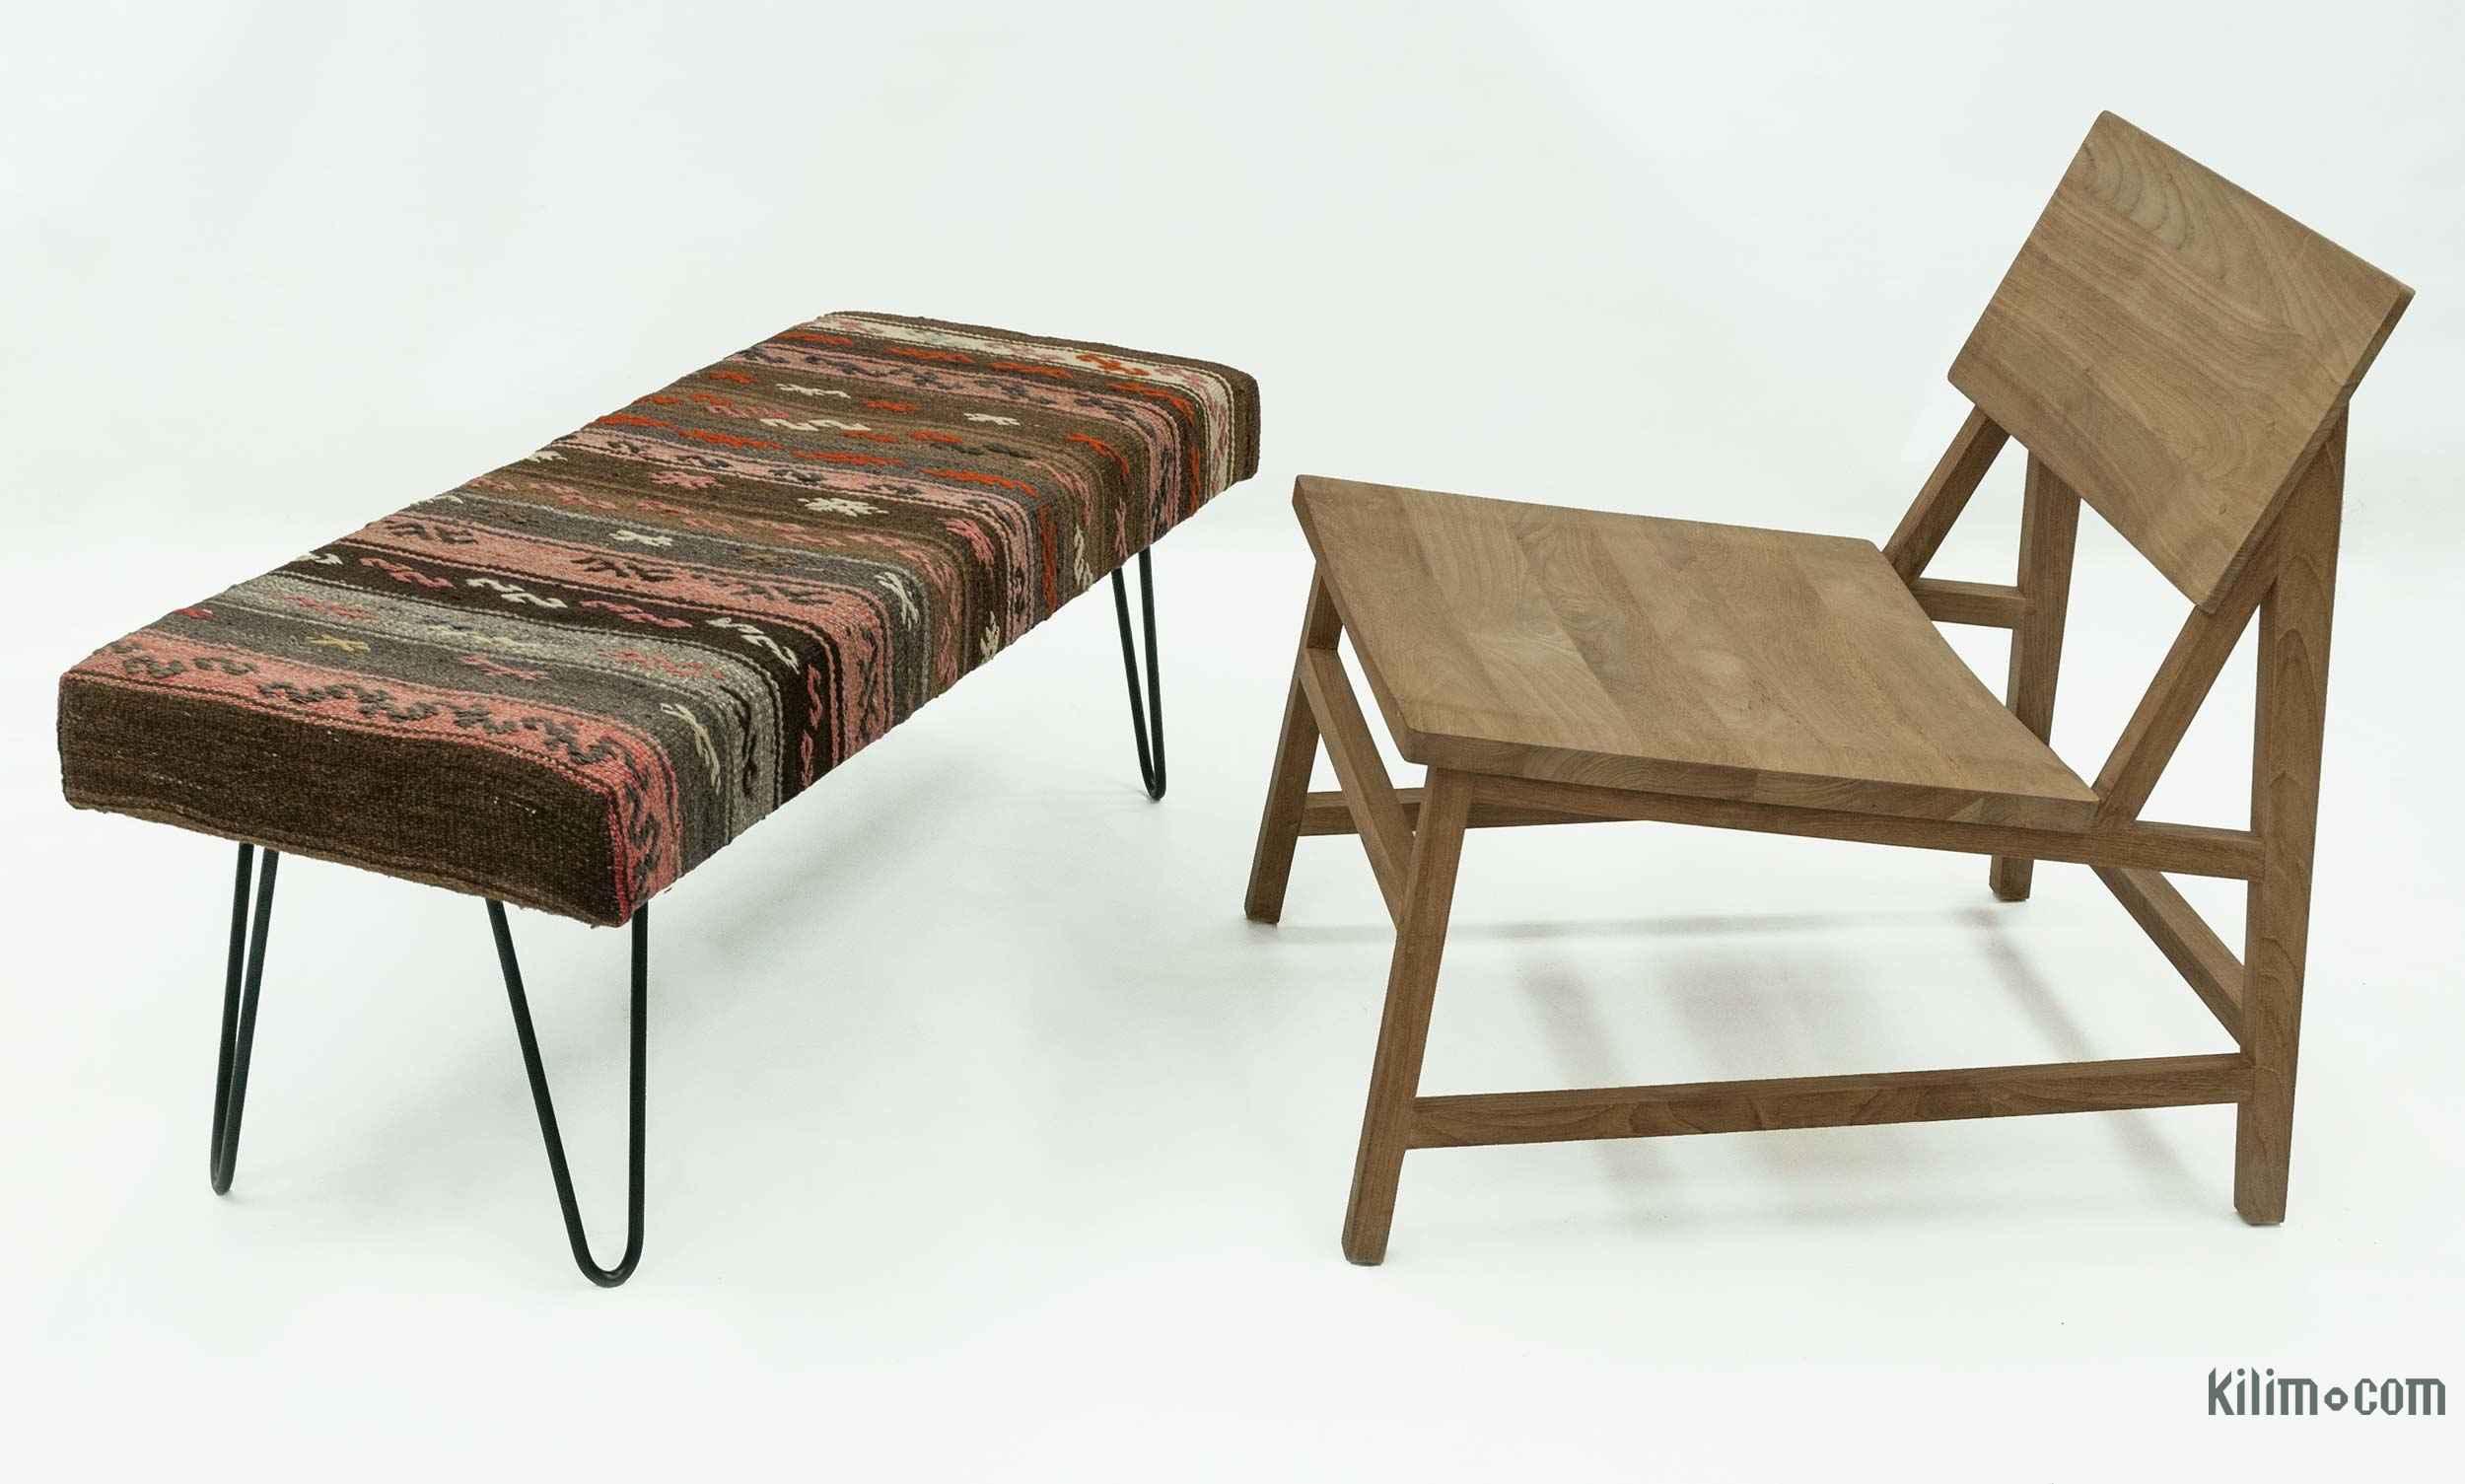 Kilim Ottoman Bench Kilim Pouf Bohemian Wooden Furniture ... |Kilim Ottoman Bench